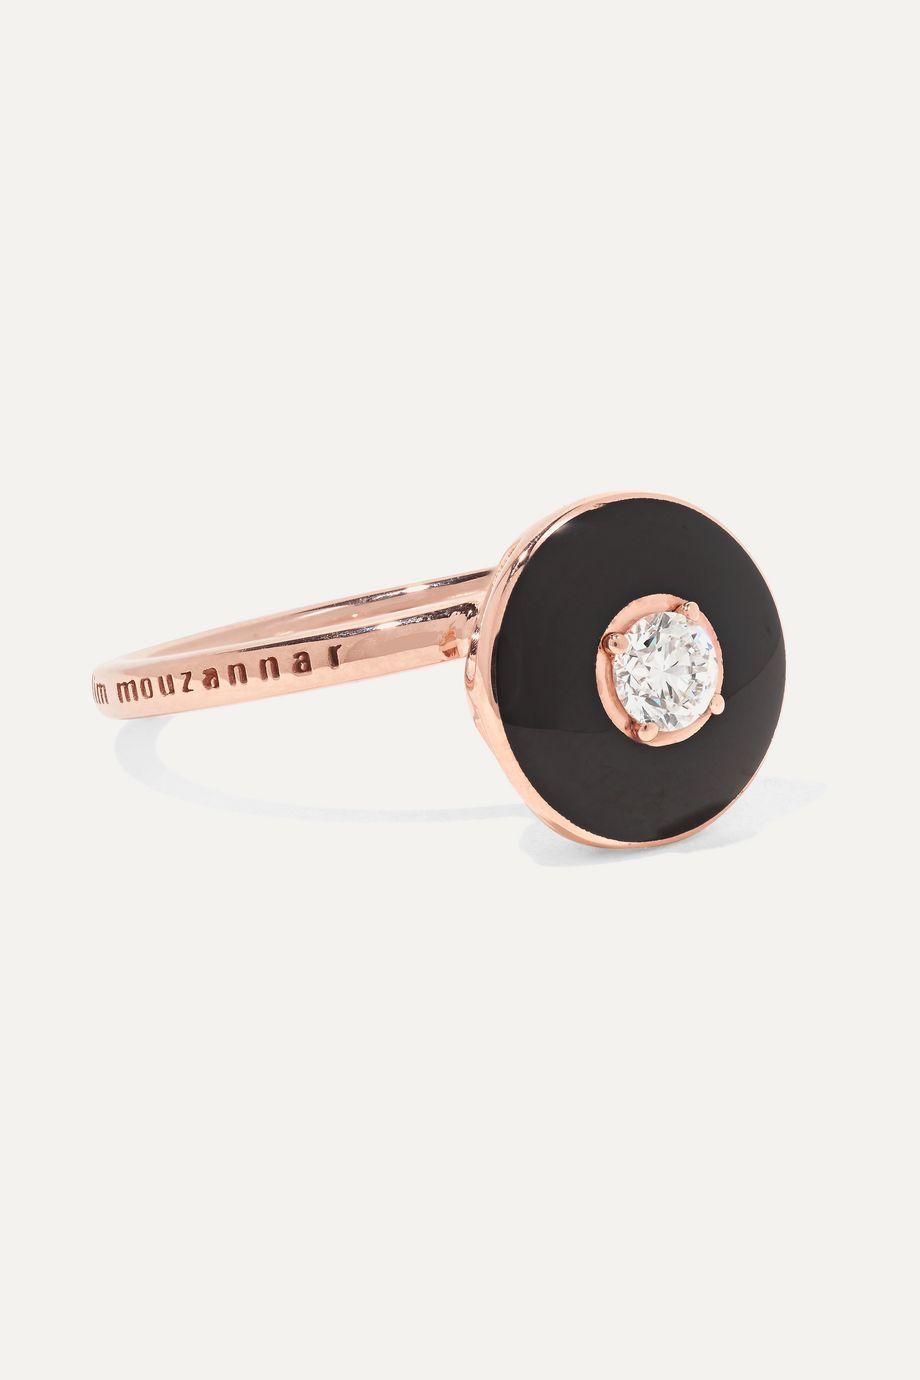 Selim Mouzannar Mina 18-karat rose gold, enamel and diamond ring